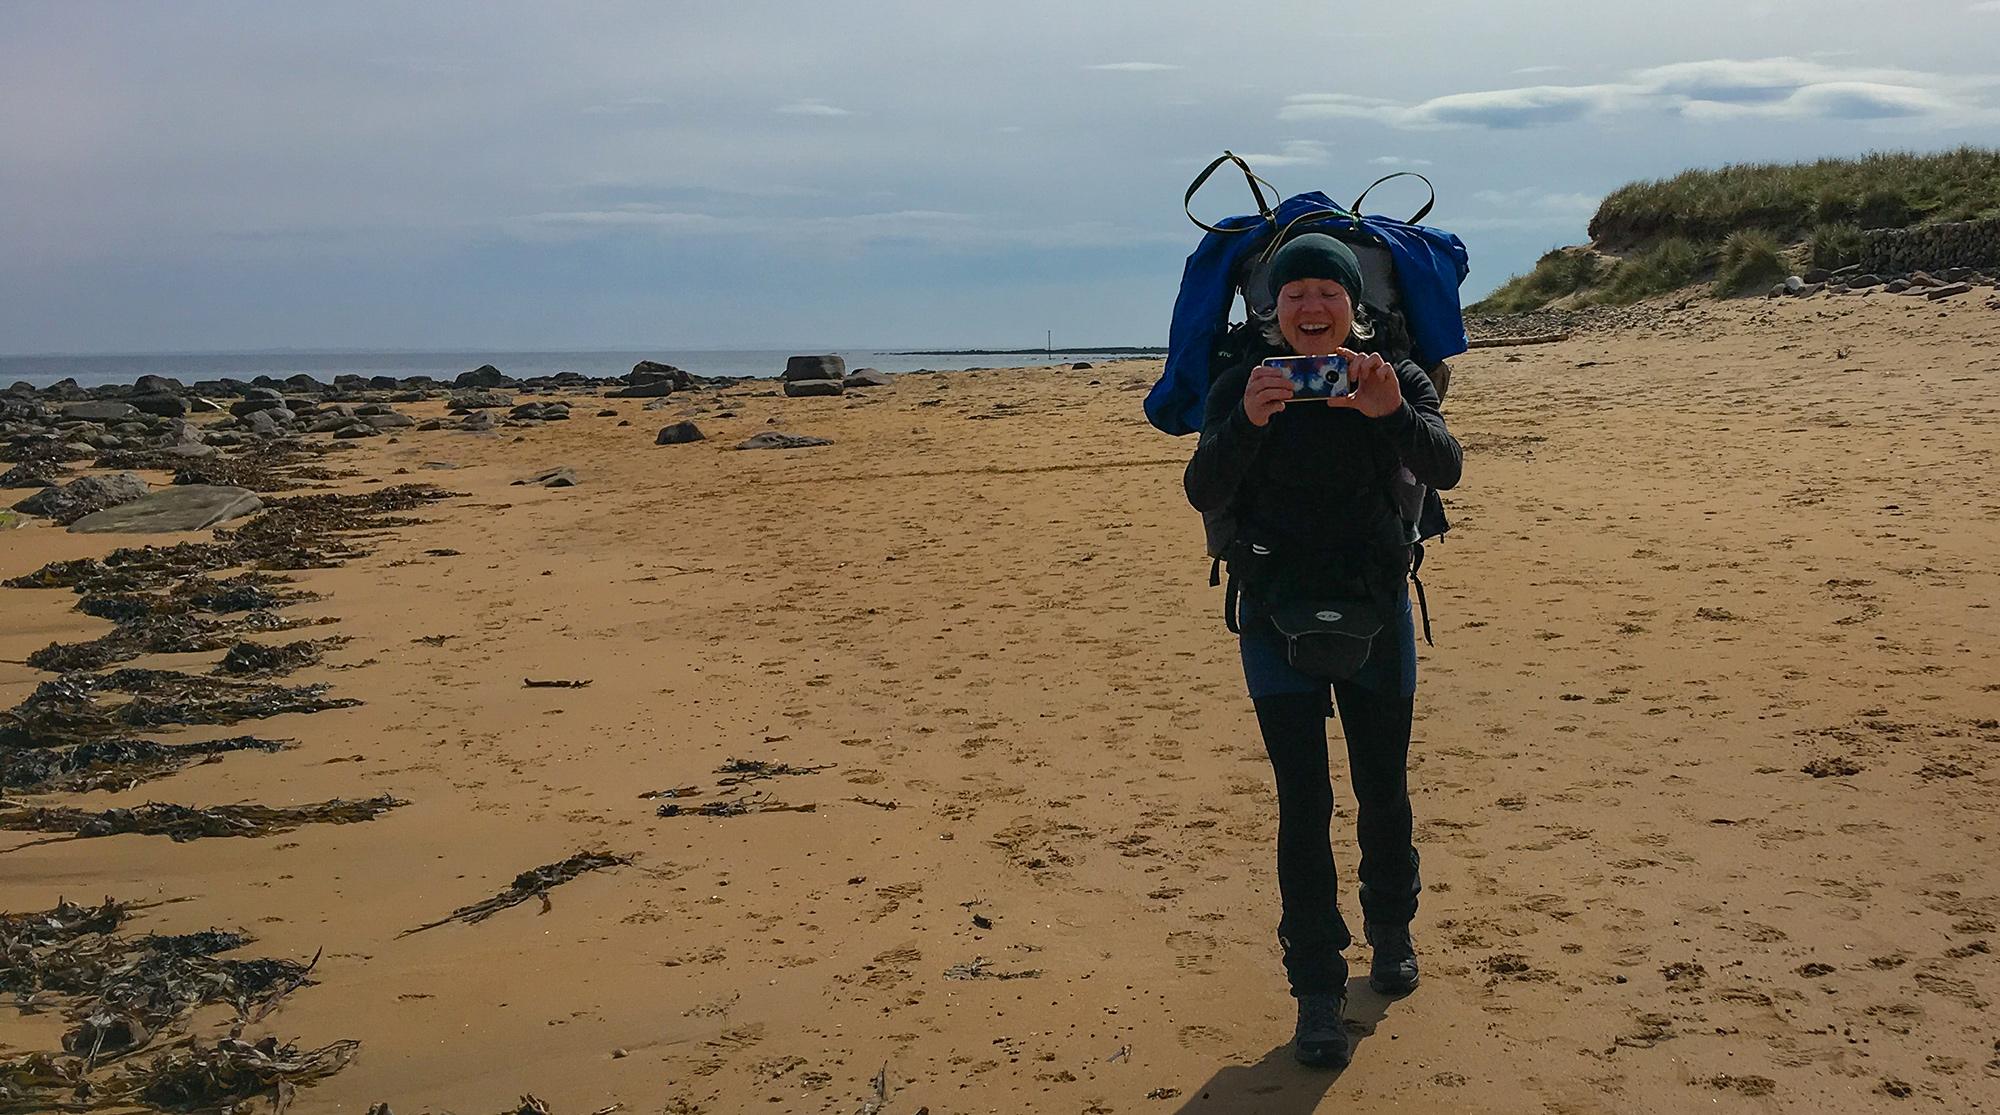 Frau mit Rucksack am Strand macht Foto